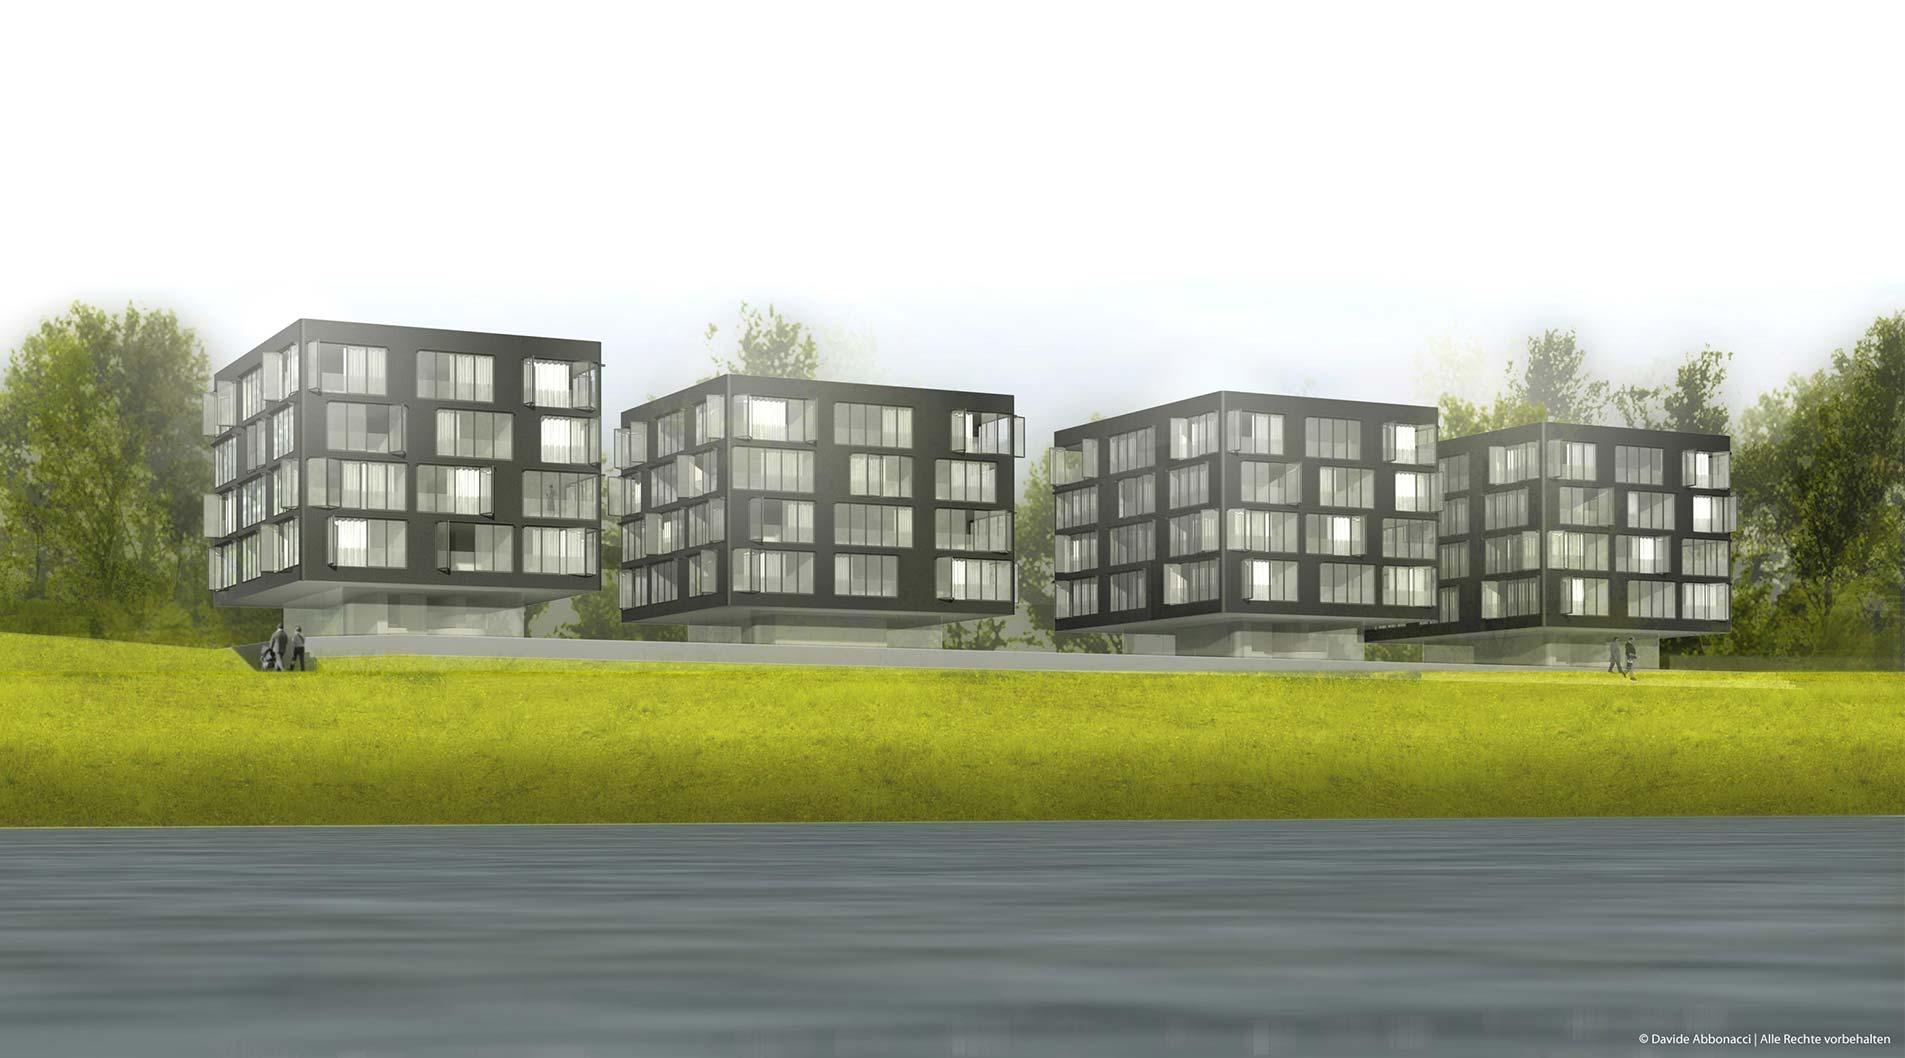 :rhein - Wohnen am Strom, Köln | Heide - Von Beckerath - Alberts Architekten | 2007 Wettbewerbsvisualisierung | 3. Preis